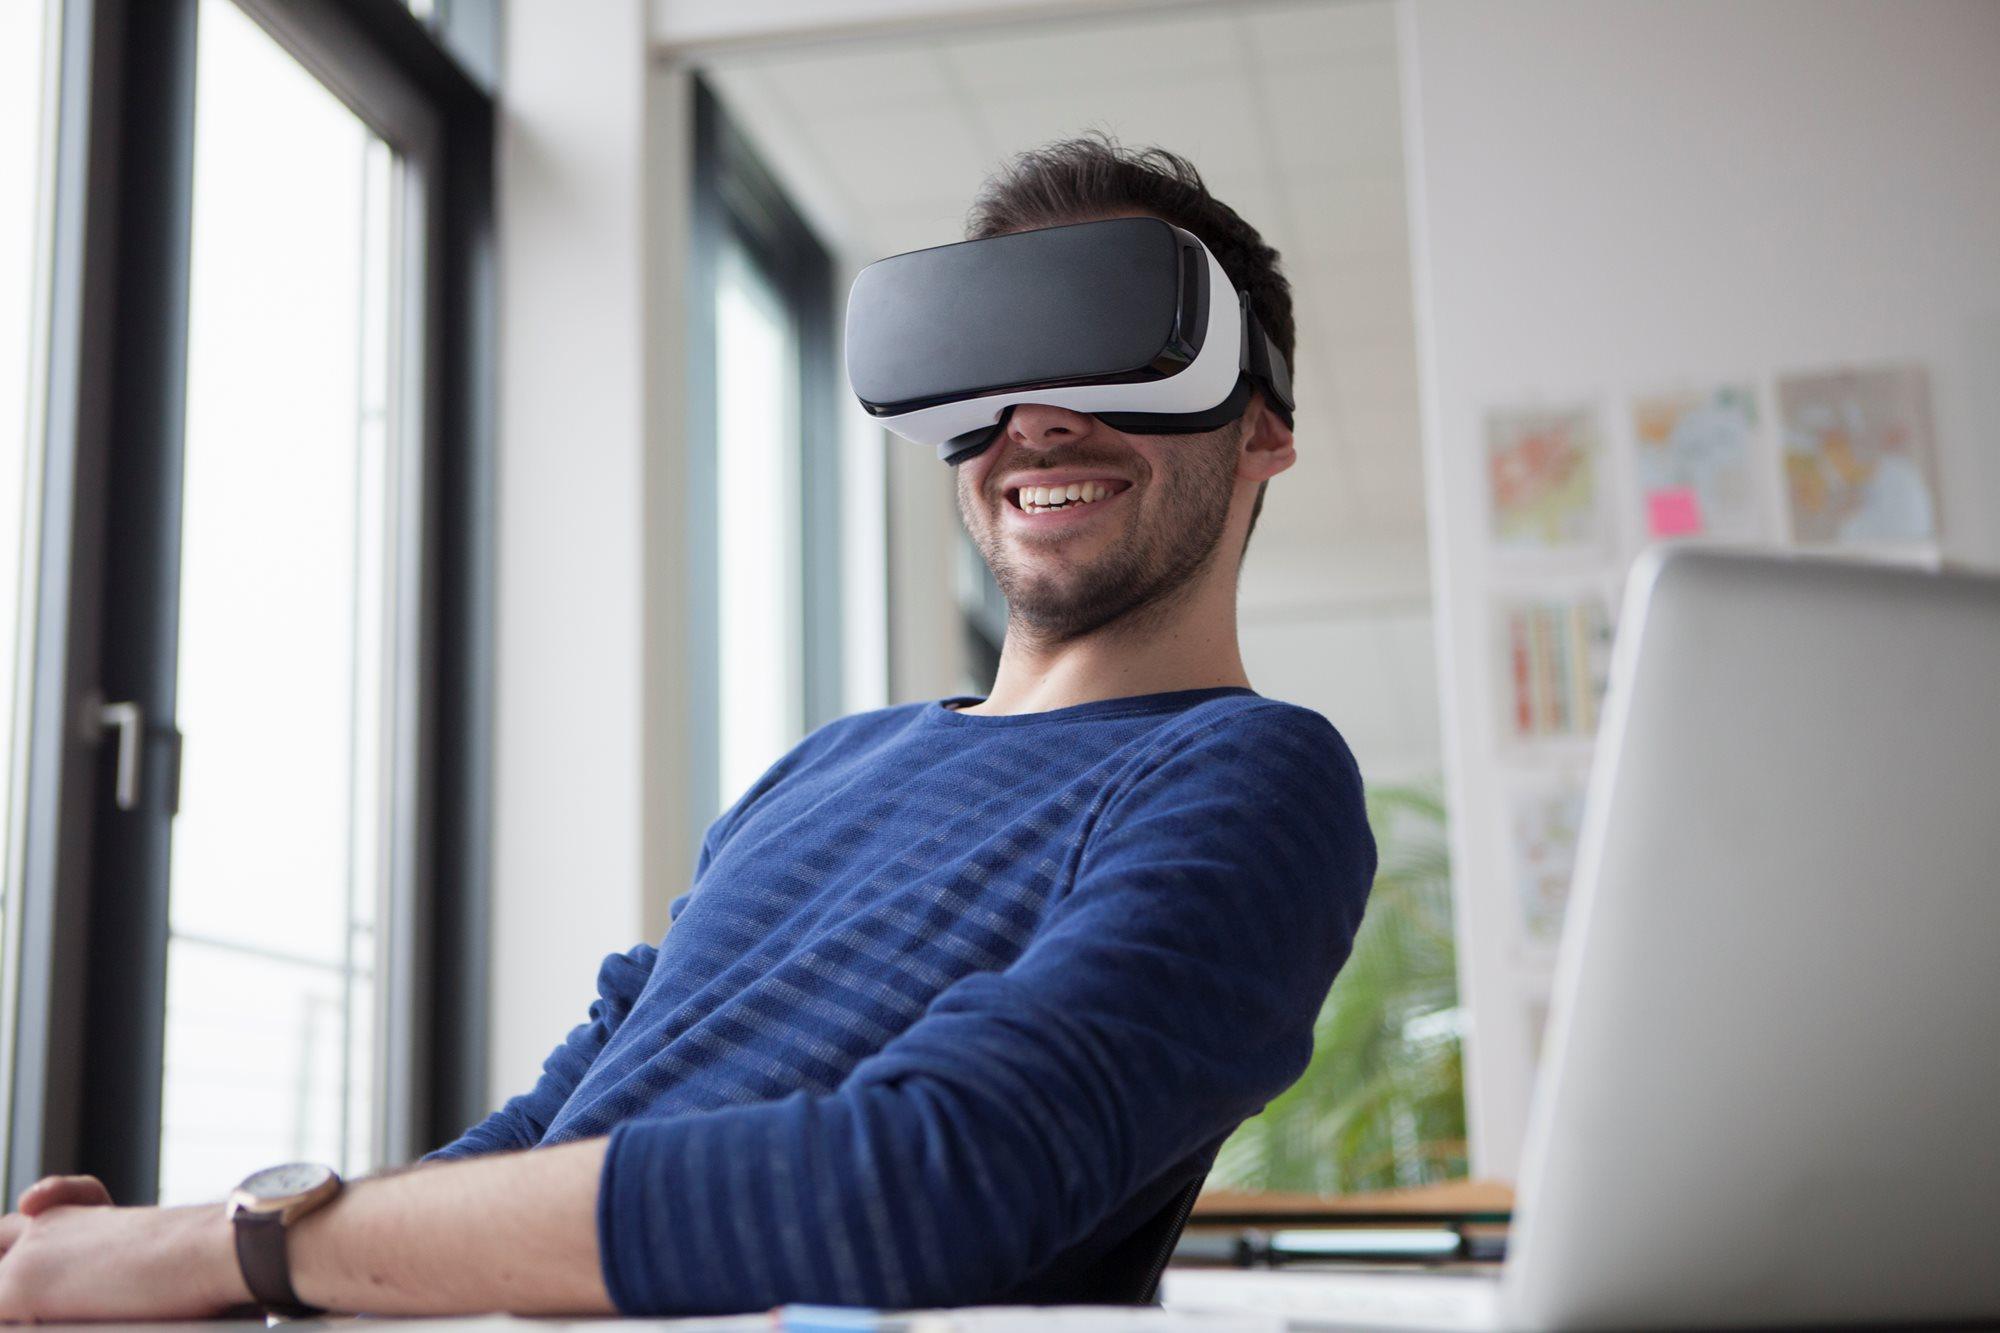 Szkolenie w goglach VR Orange